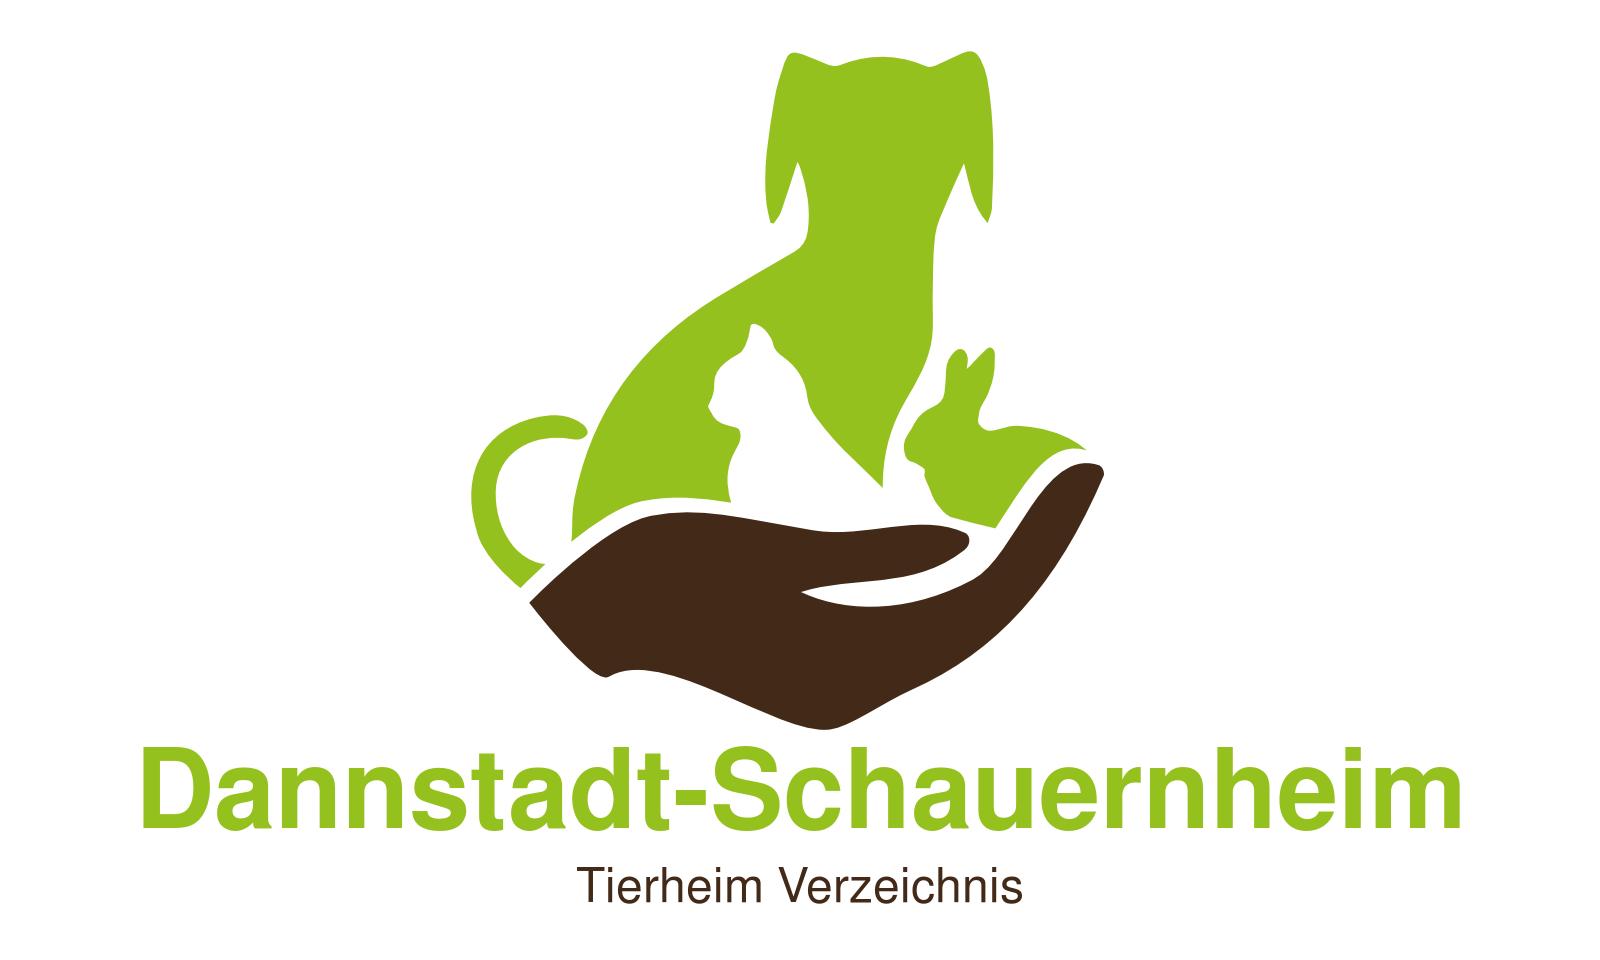 Tierheim Dannstadt-Schauernheim